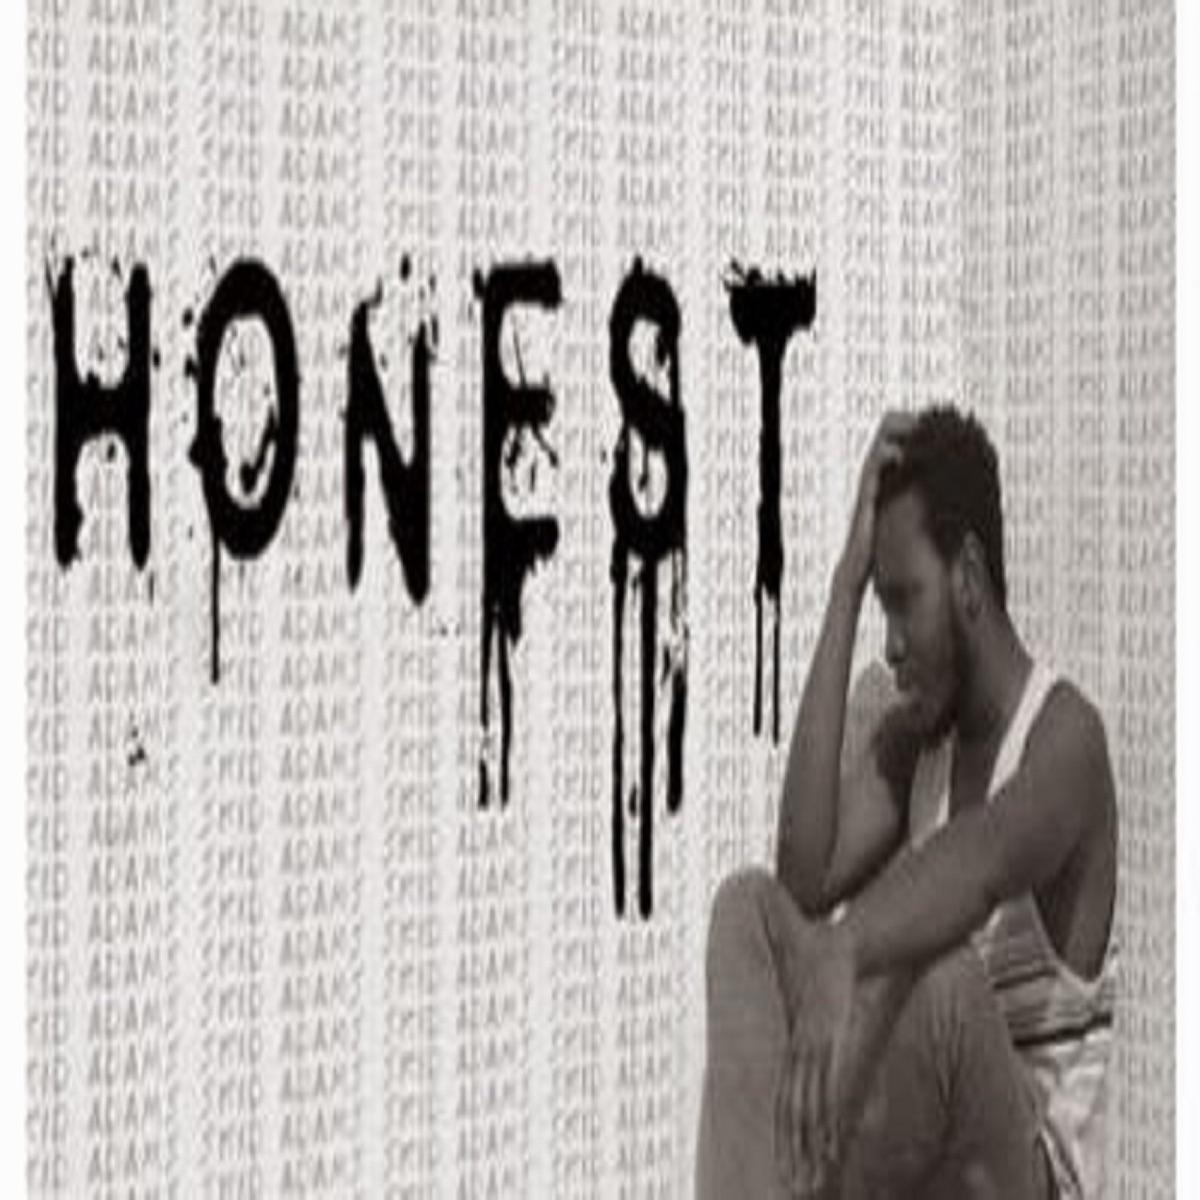 Honest - Single nF CD cover